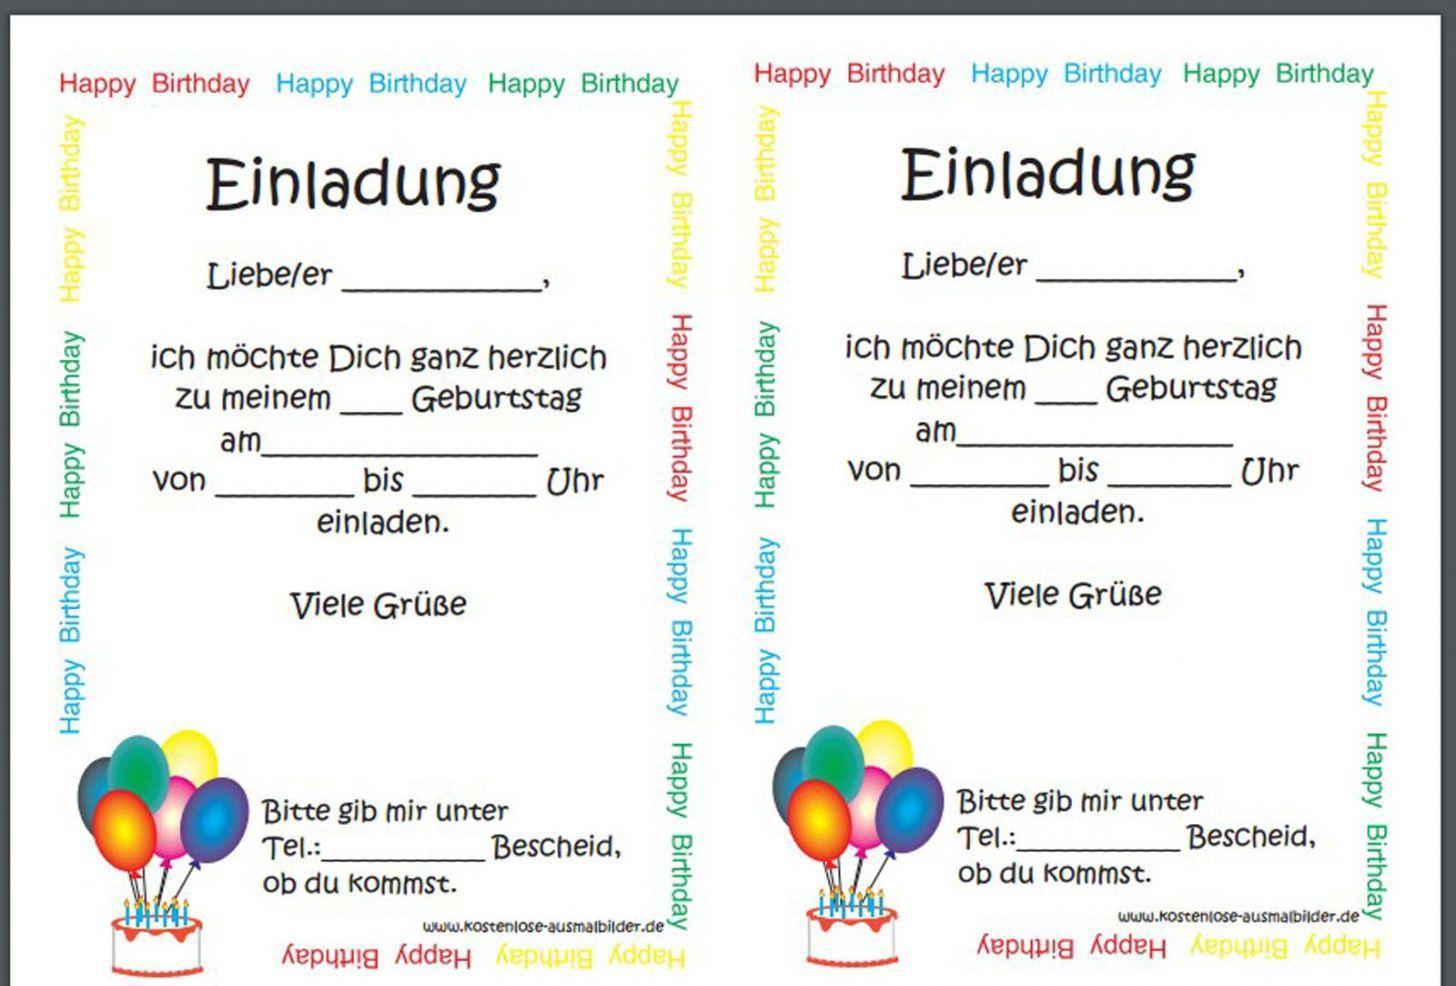 wonderful einladungen geburtstag vorlagen #1: einladungskarten geburtstag : einladungskarten geburtstag vorlagen -  Einladung Zum Geburtstag - Einladung Zum Geburtstag